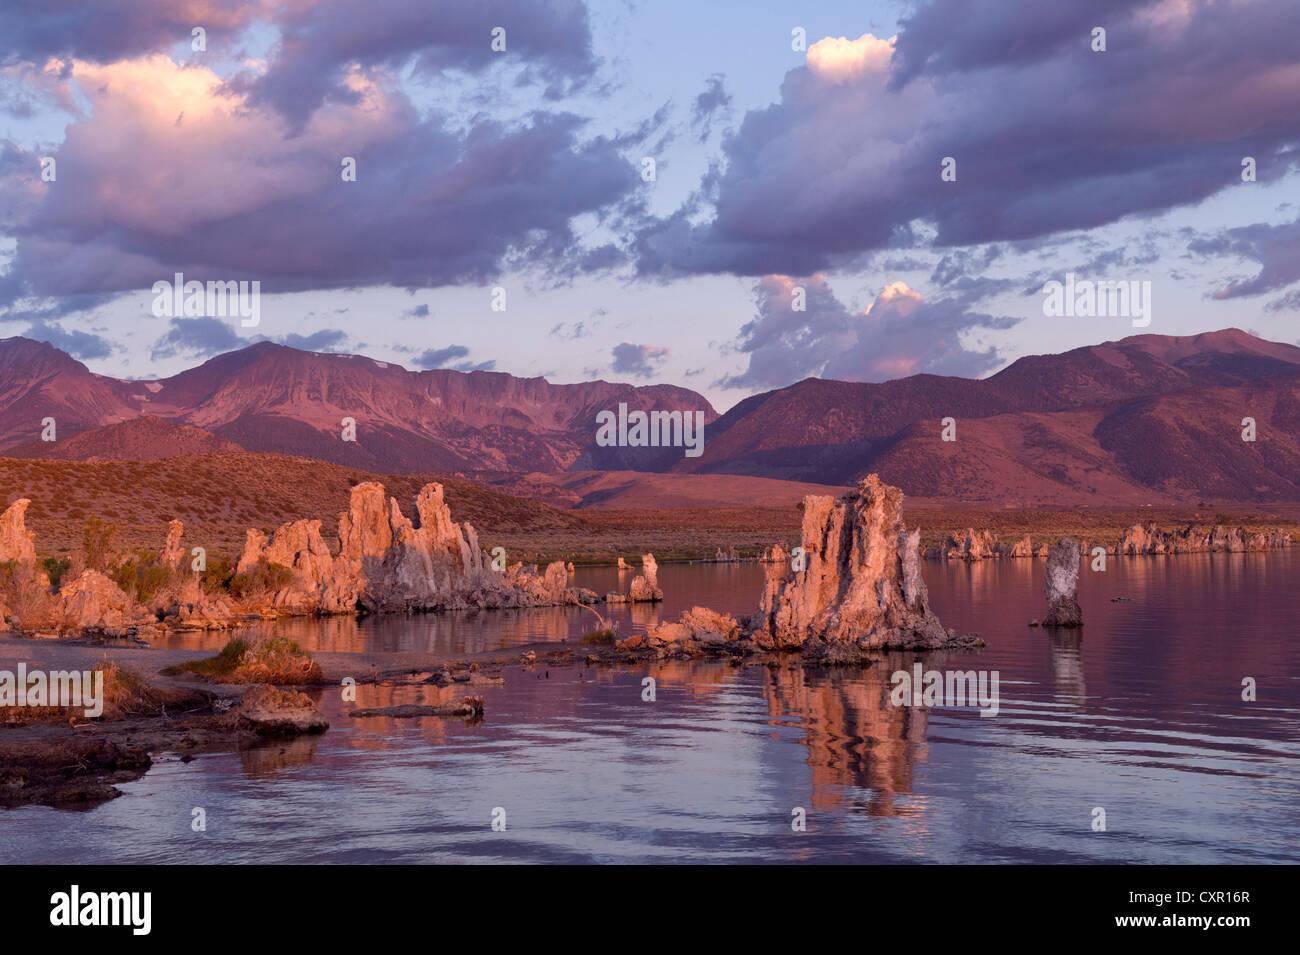 La formation de la roche de tuf, mono lake, California, USA Photo Stock